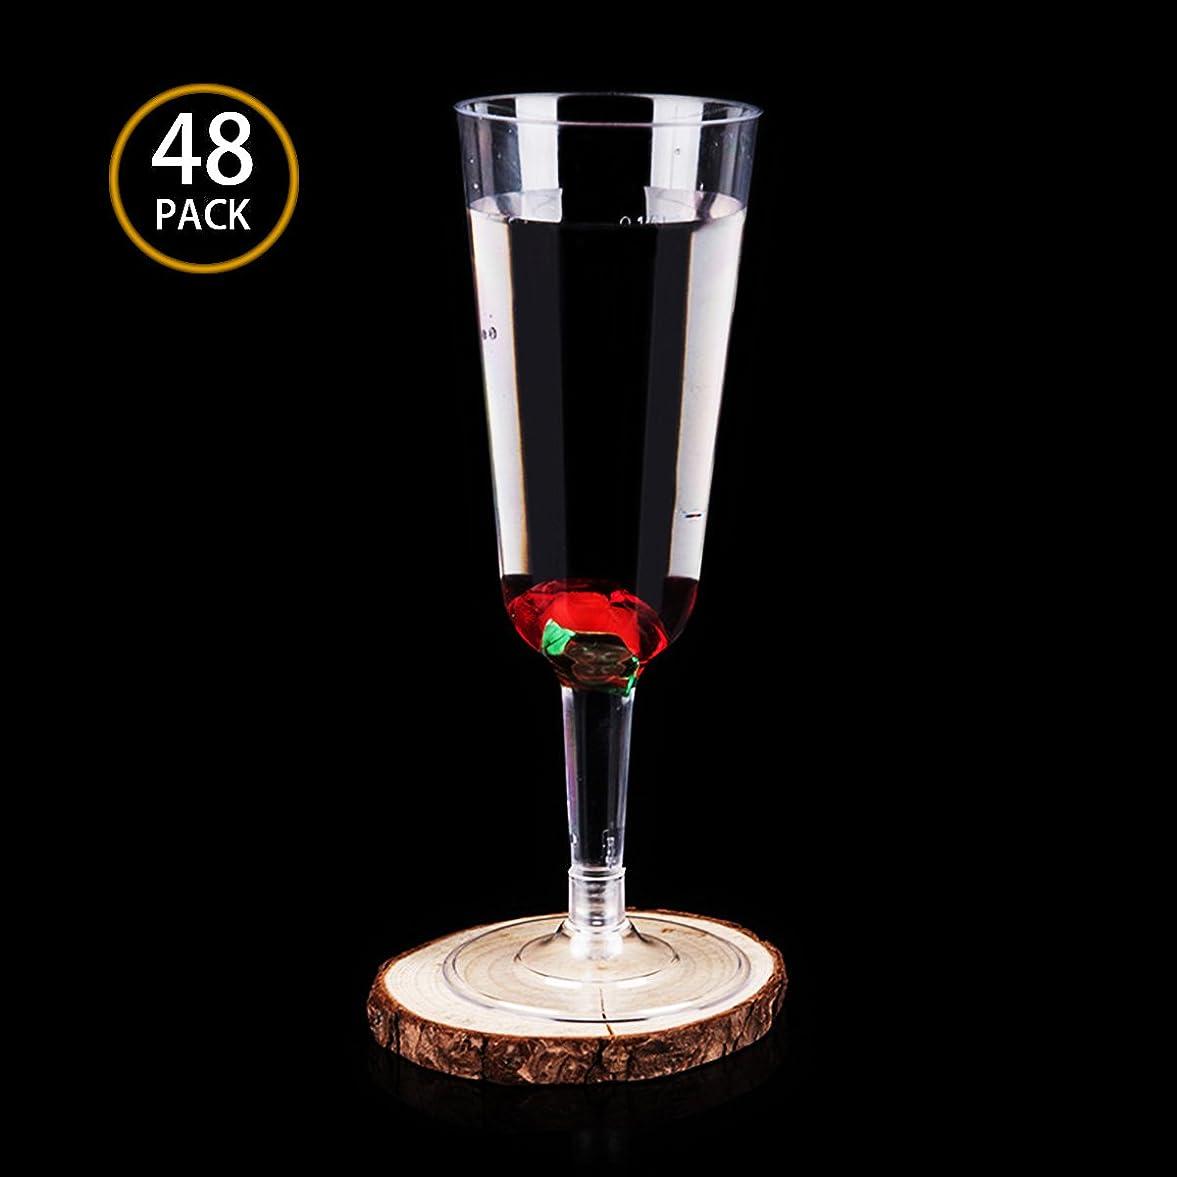 持続するあなたのものコンデンサーClear Party Cups Hard Plastic Champagne Flutes Wine Glasses 150ml (50)